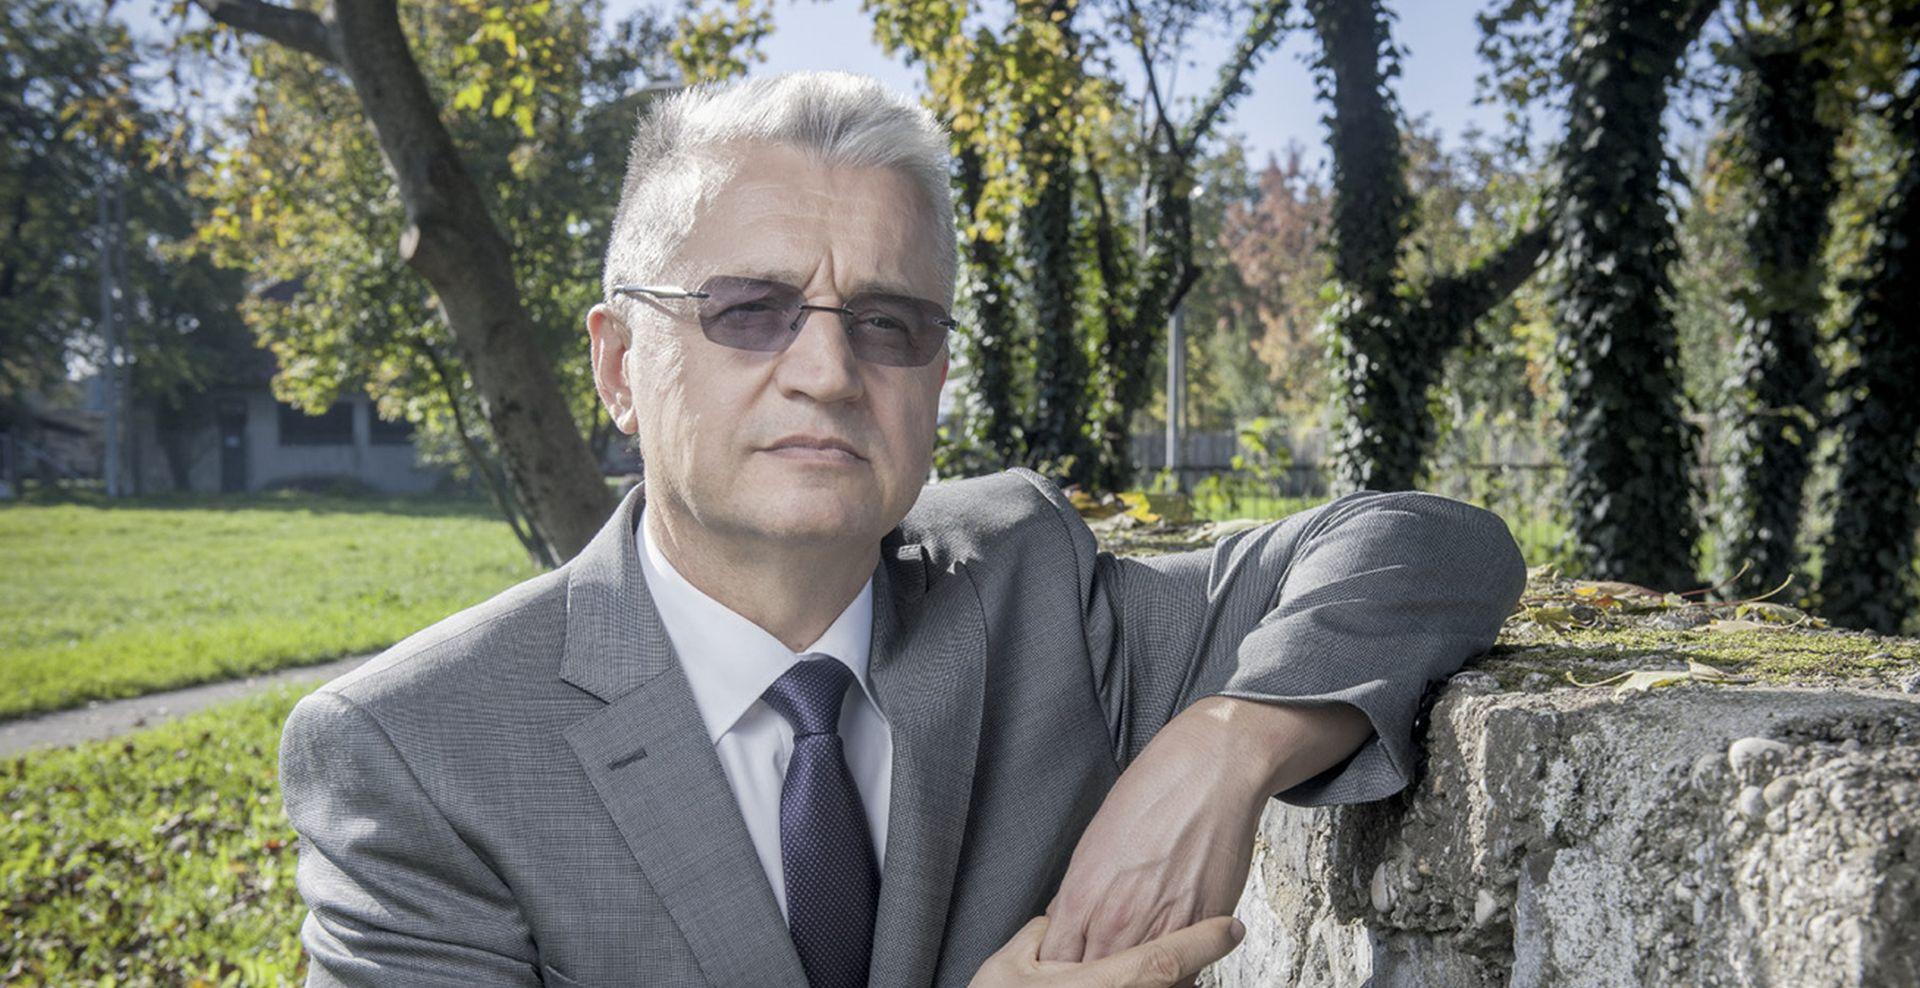 Hrvat iz Vojvodine u borbi protiv srpskog obavještajno-pravosudnog aparata